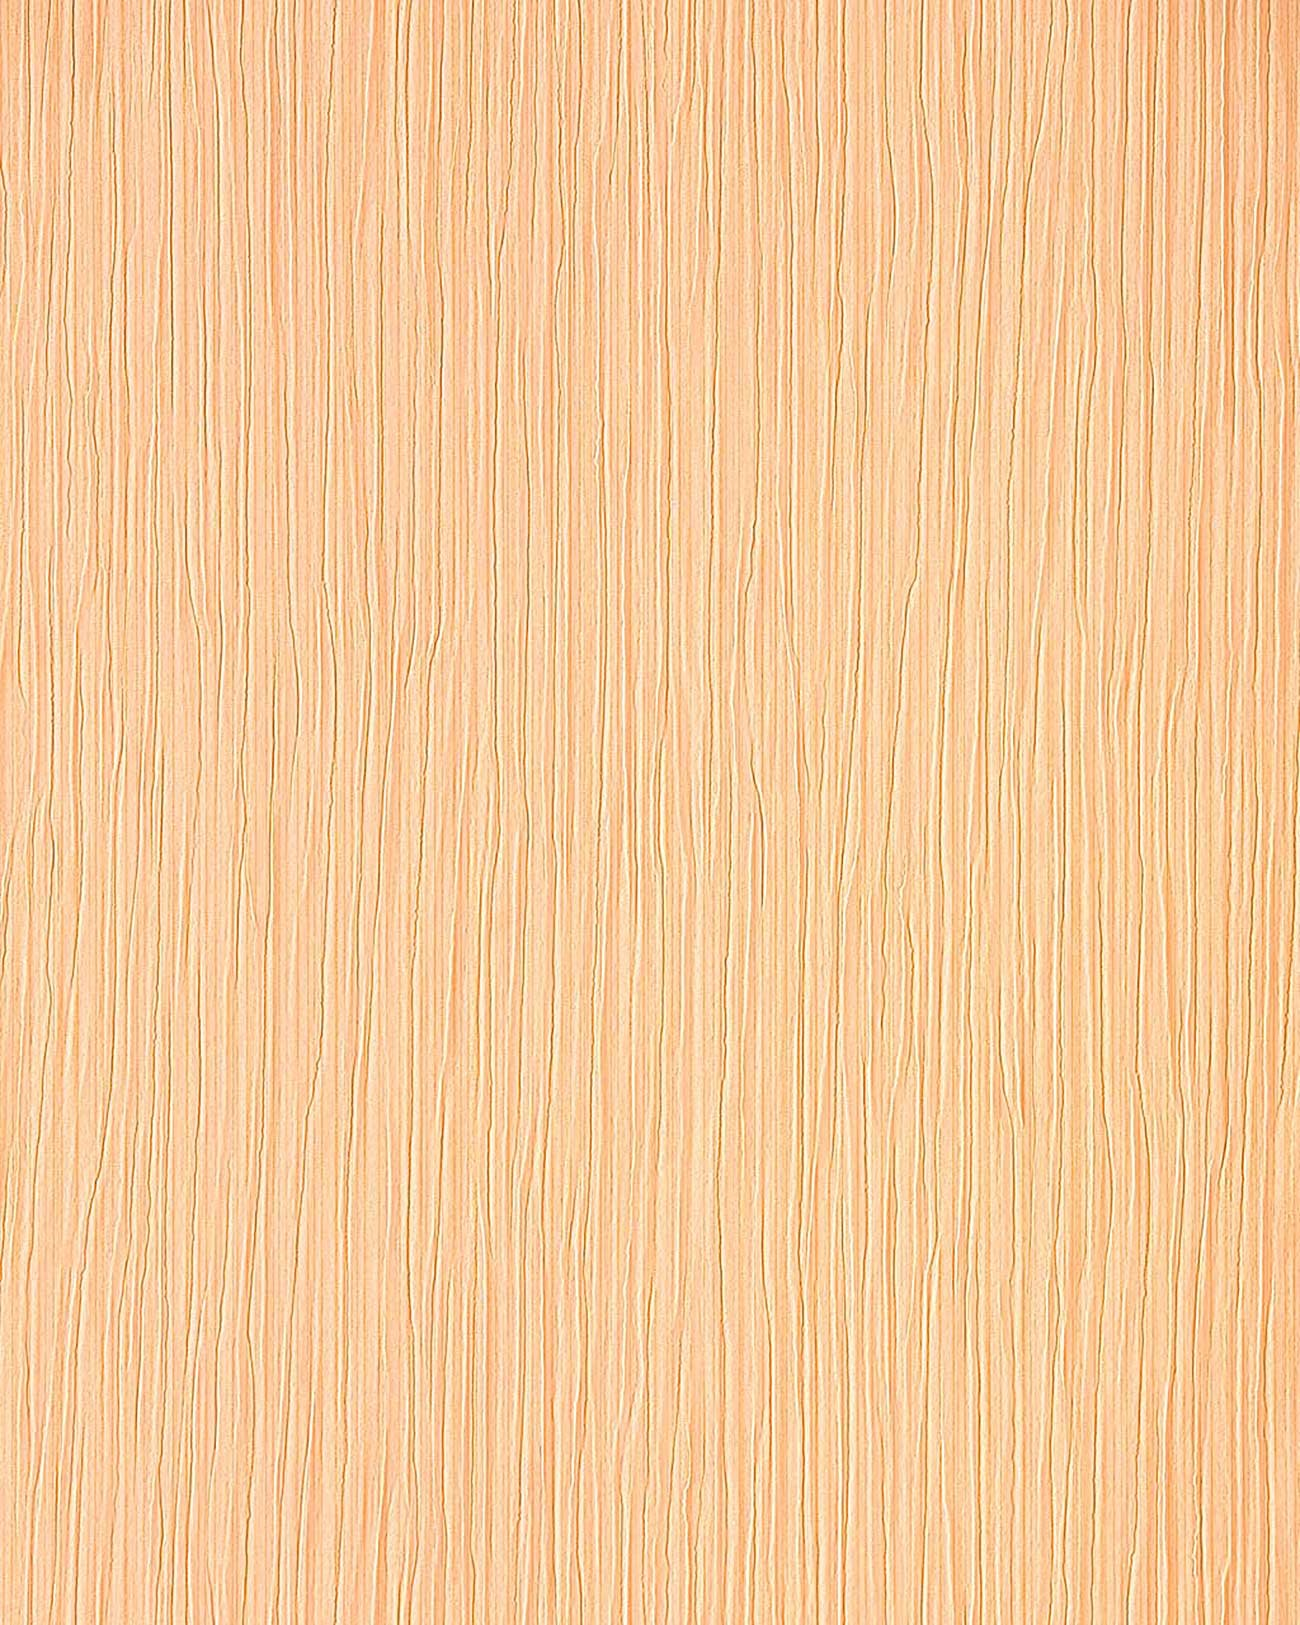 Papel pintado monocolor moderno con textura y relieve edem - Papel pintado moderno ...